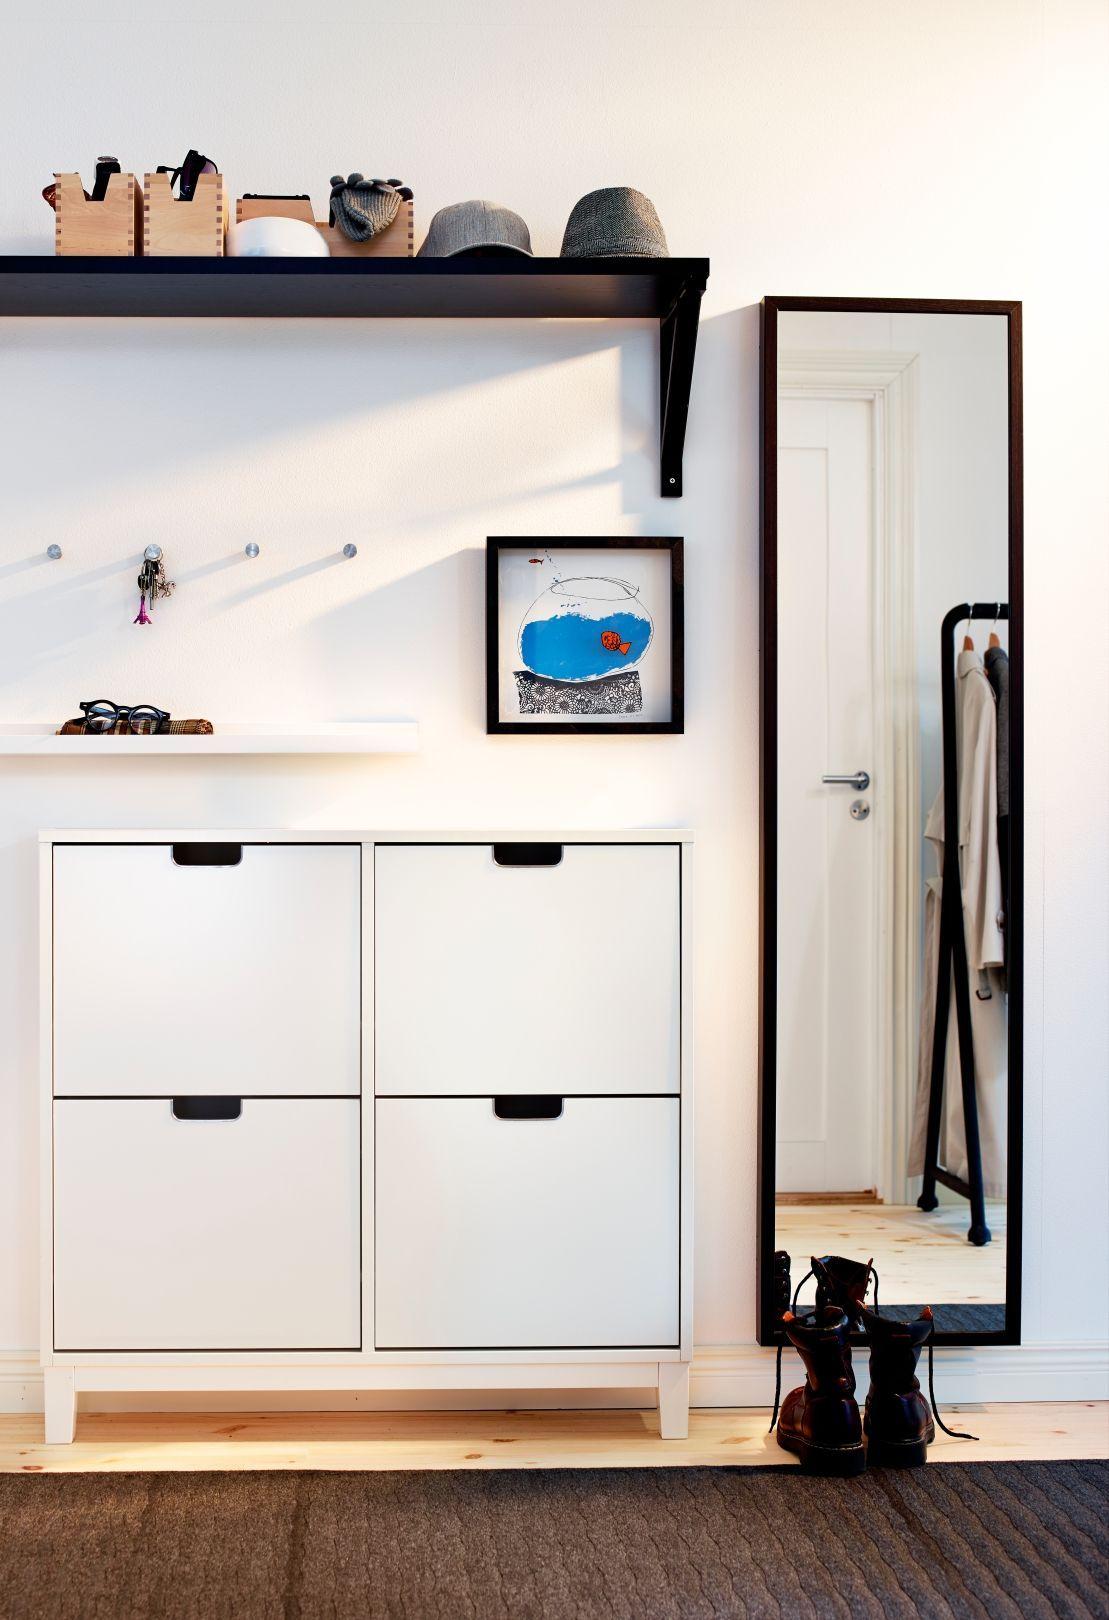 55 идей как хранить обувь в доме: полки, подставки, шкафы http://happymodern.ru/kak-khranit-obuv-v-dome/ Важно содержать обувь в чистоте, даже если убираете обувь в шкаф на ночь и снова собираетесь надеть ее на следующее утро, все равно почистите ее